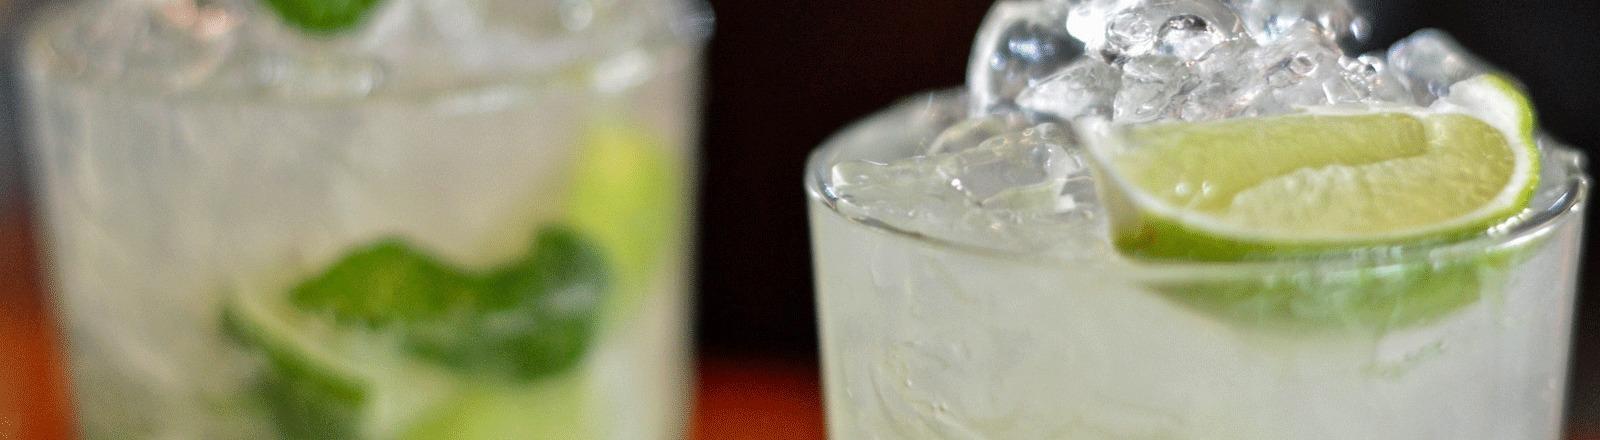 Zwei Gläser Gin Tonic.